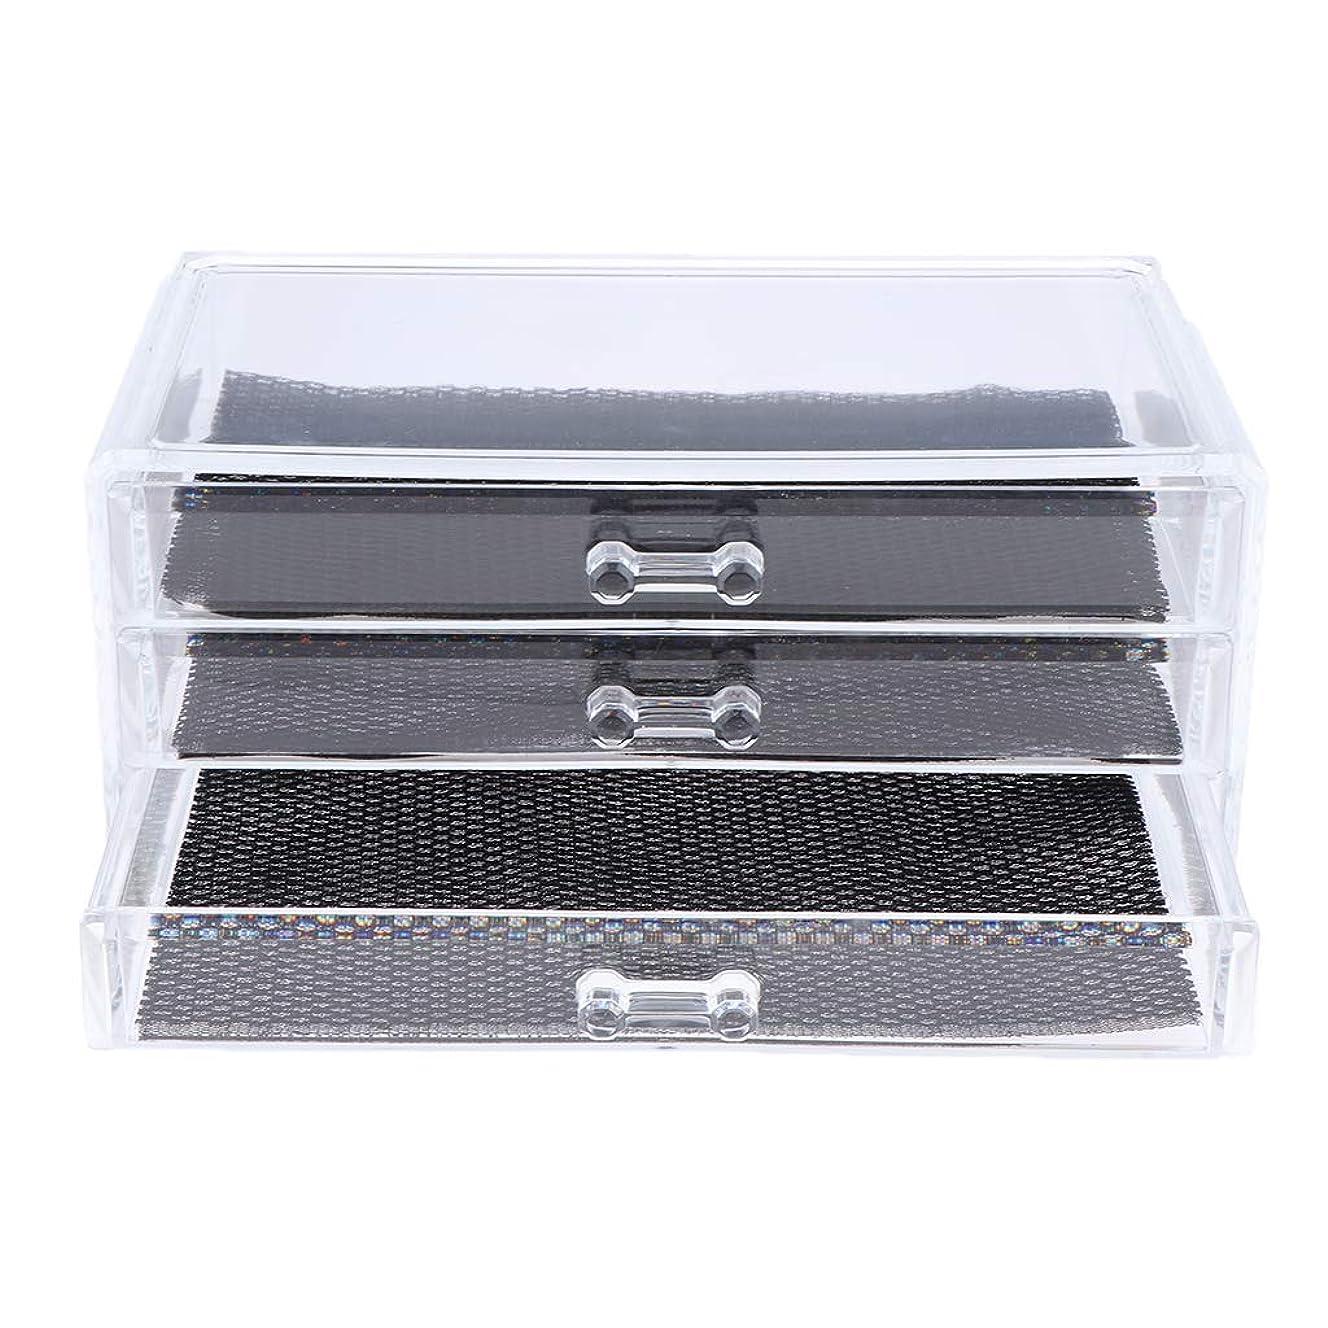 噛むフリンジ征服Perfeclan 化粧品収納ボックス メイクケース 化粧品収納整理 防塵 透明 コスメ収納ボックス 引き出し式 全3種 - 3つの引き出し